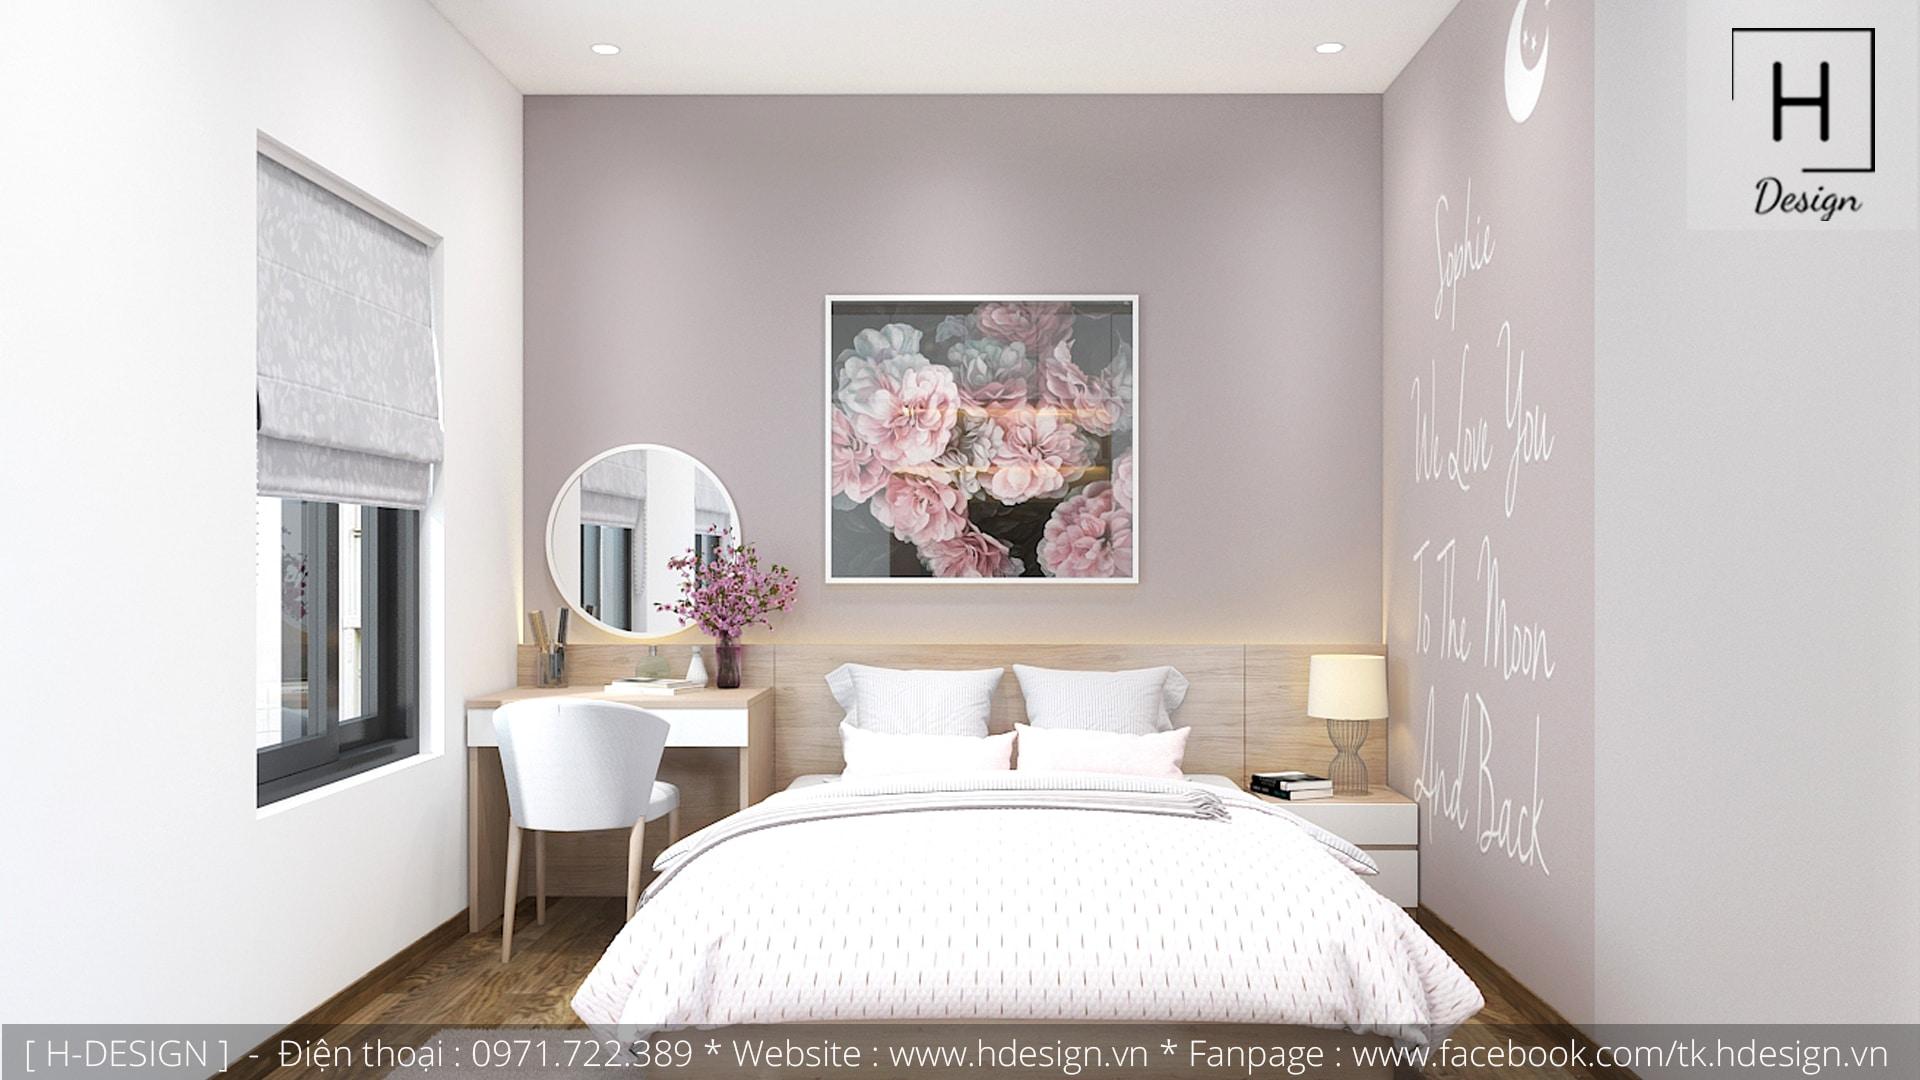 Thiết kế thi công nội thất nhà phố đẹp tại Tây Hồ - Hà Nội 12